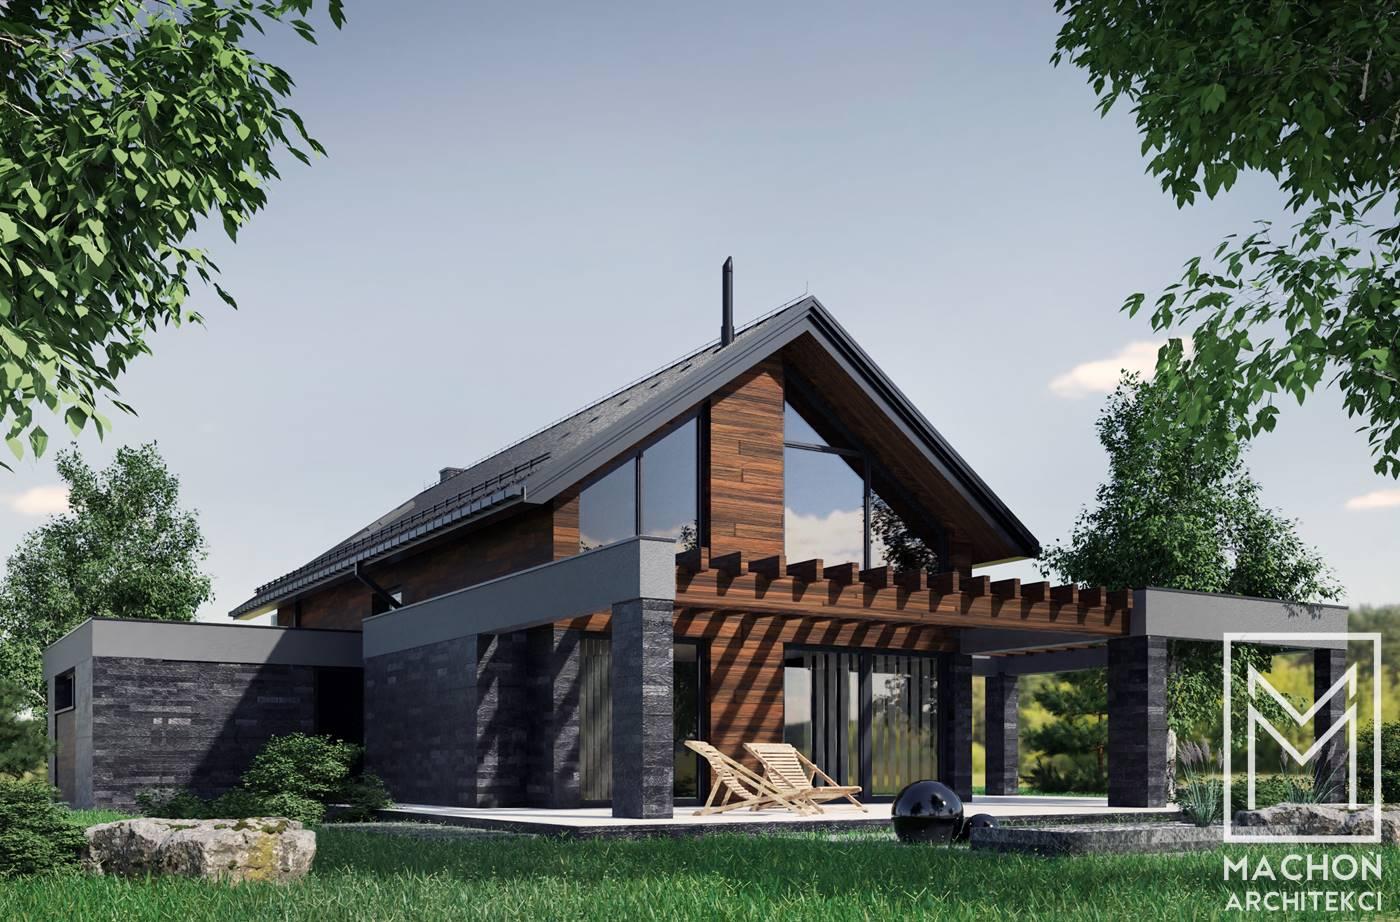 nowoczesny dom mieszkalny szkieletowy,